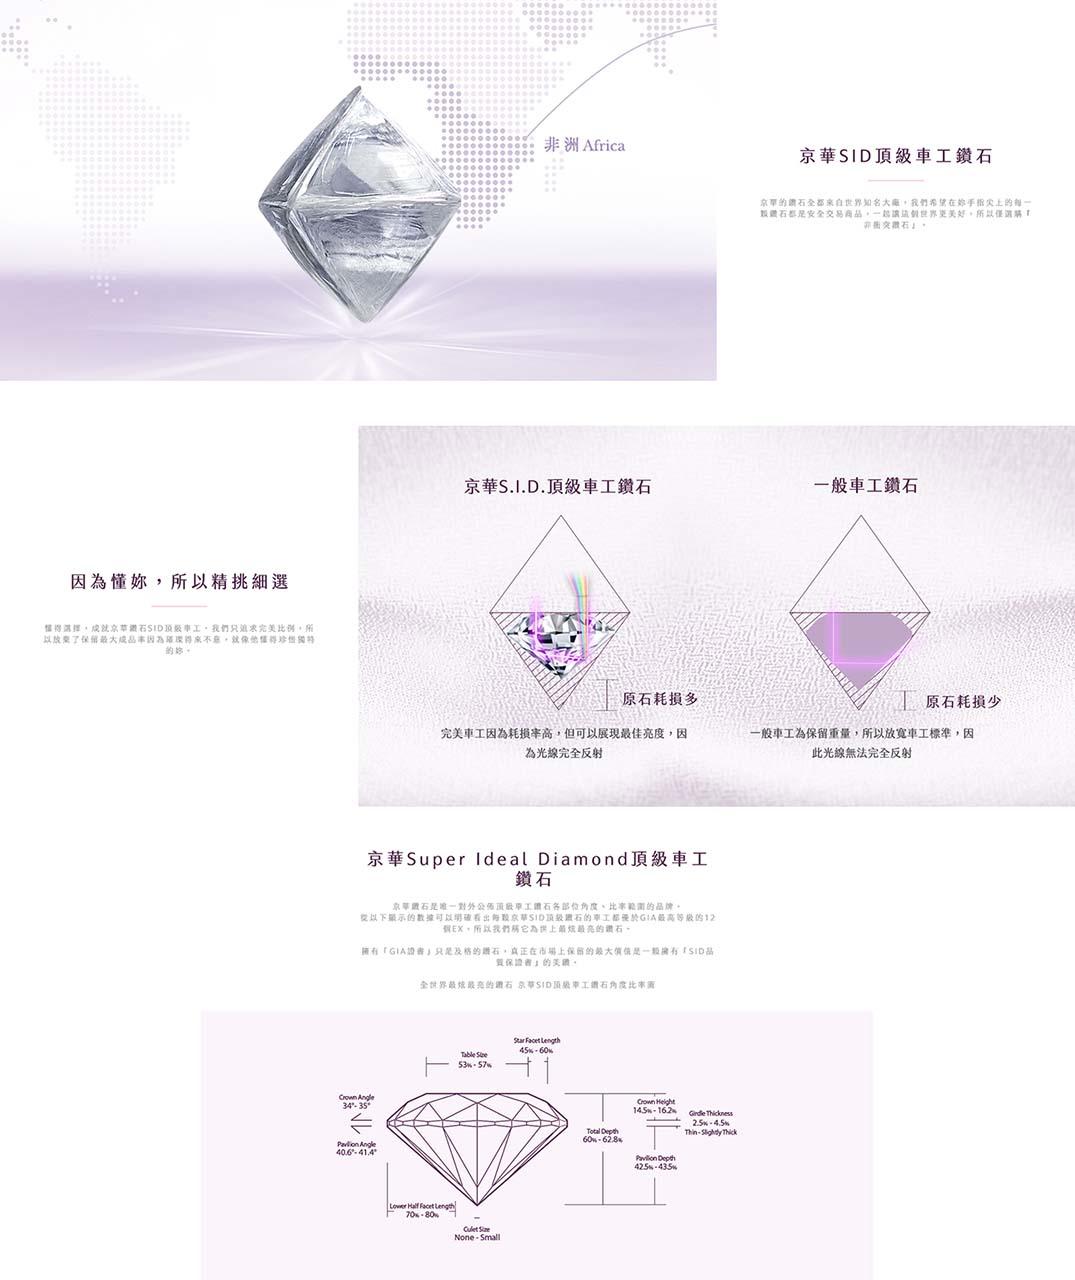 ☆【精品】京華鑽石。和貼心好友一起挑選最閃亮最動人的京華SID頂級車工鑽石